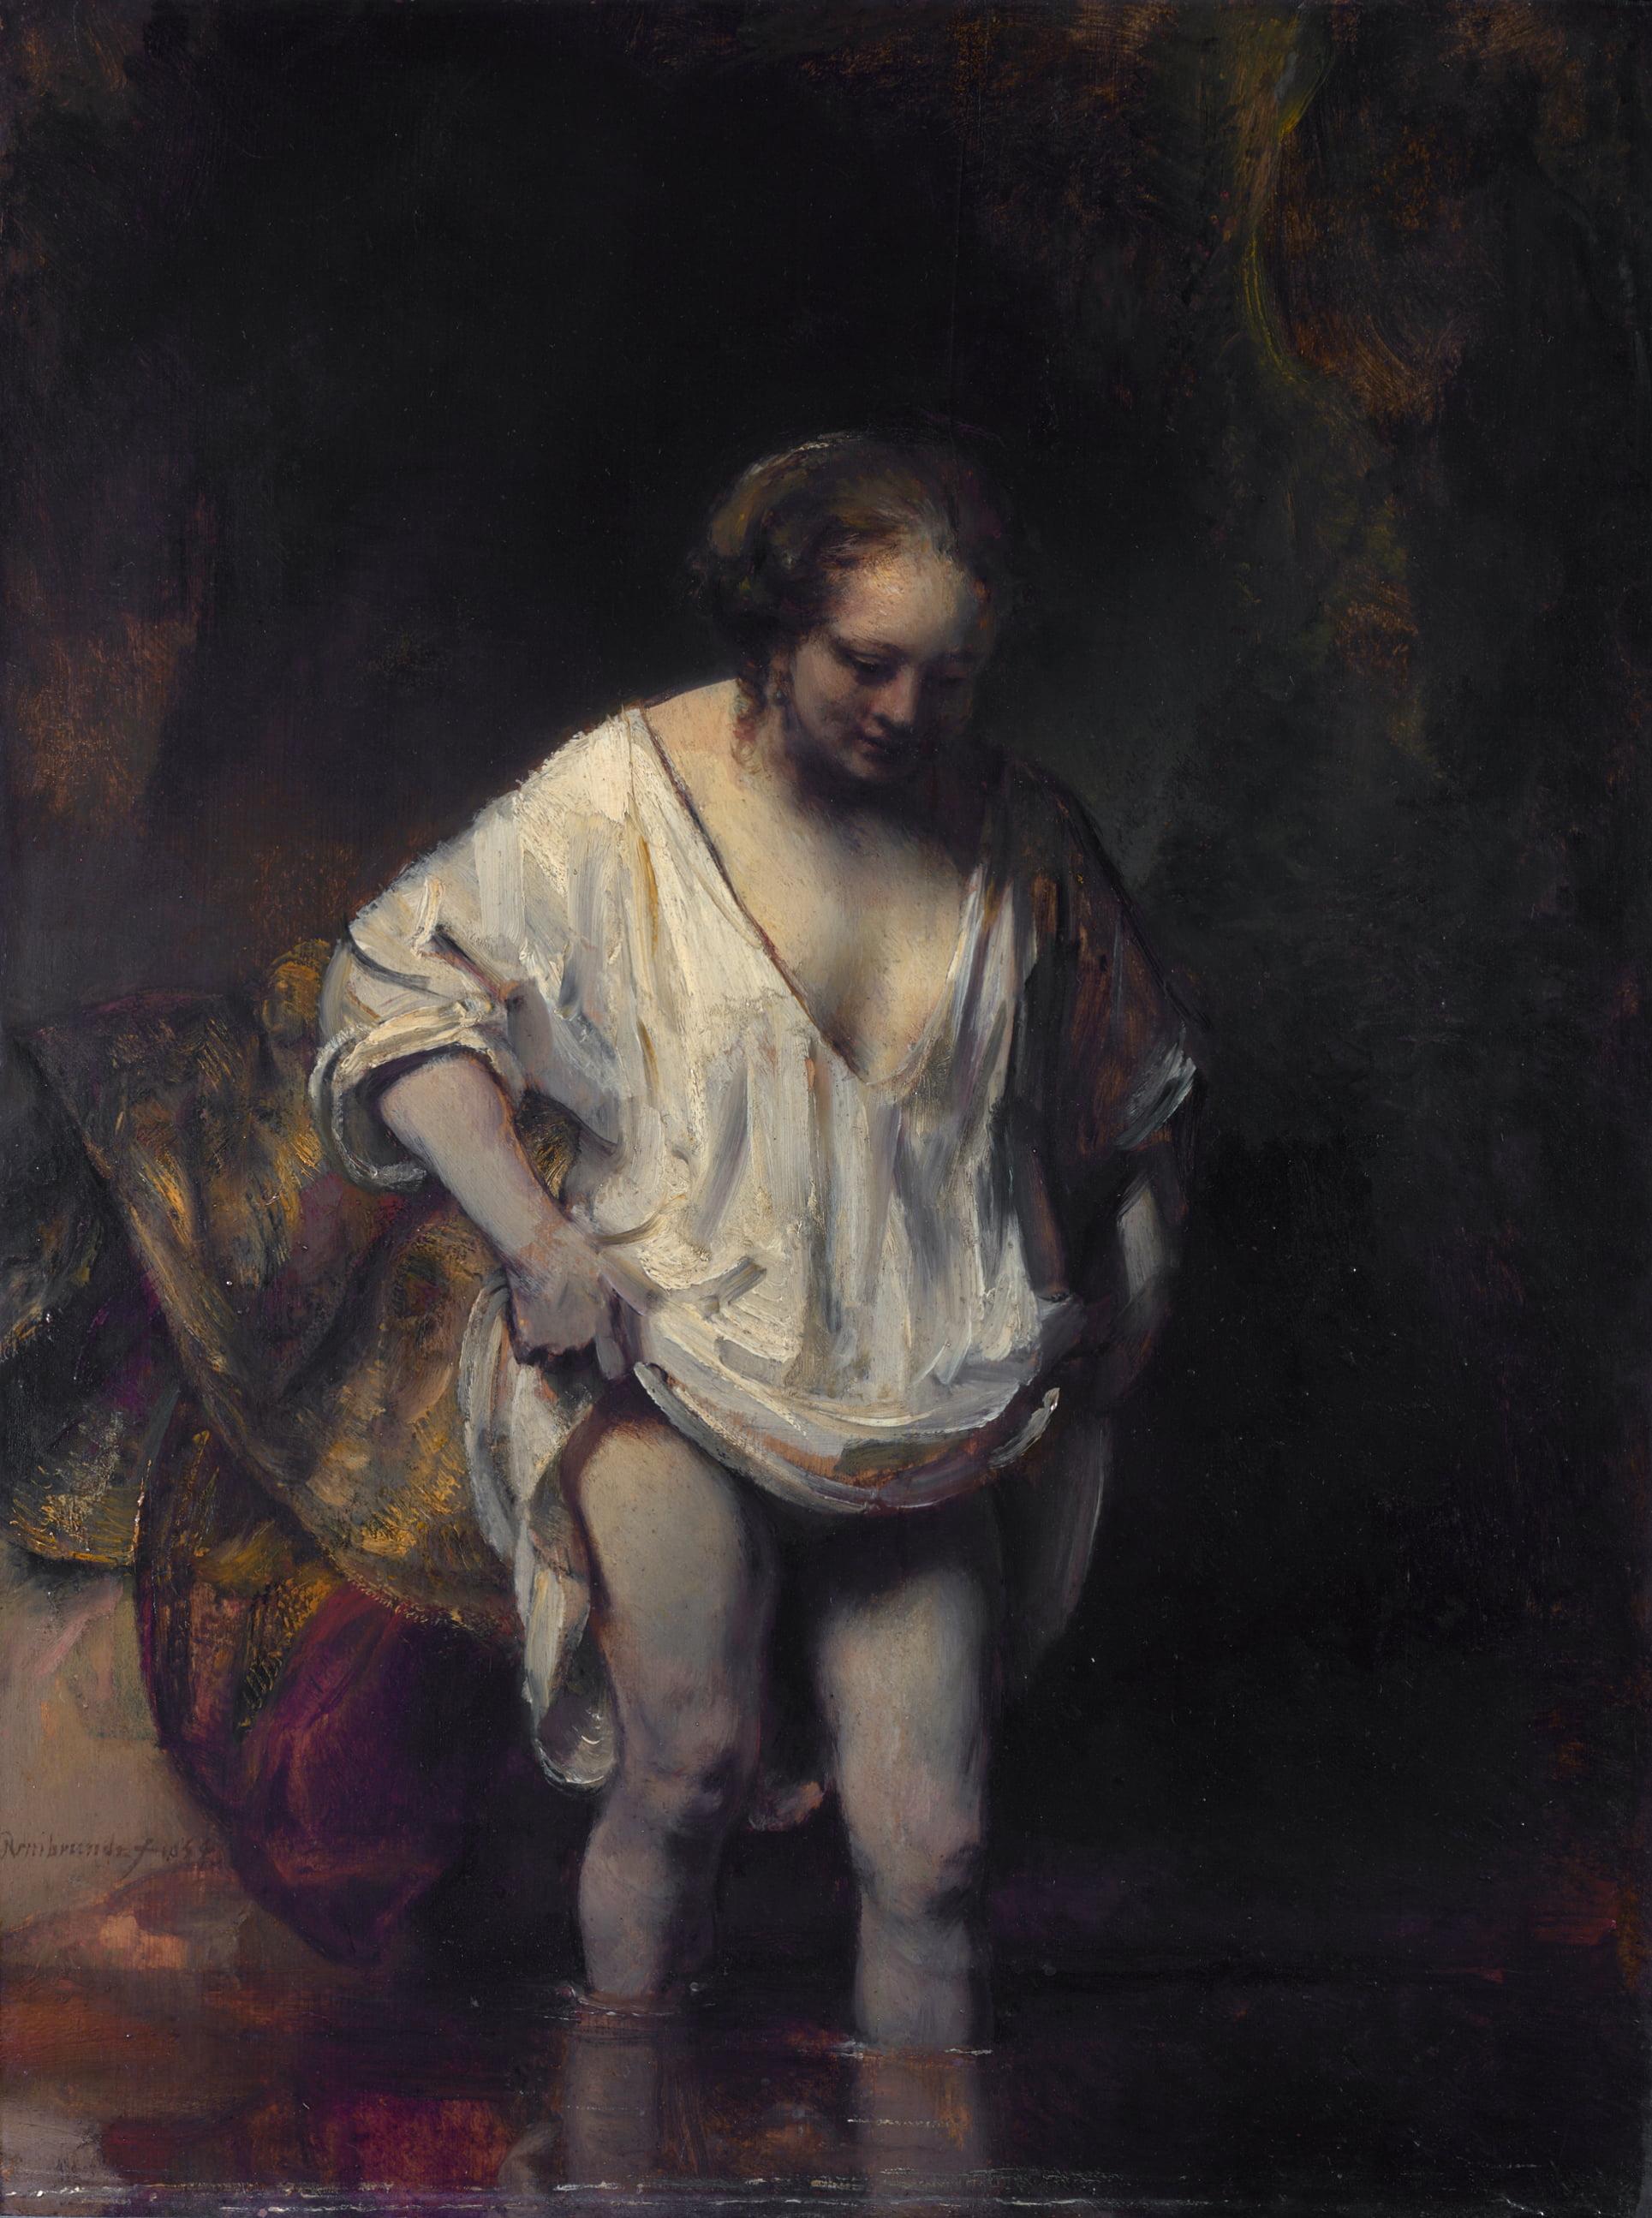 pintura-gestual-Rembrandt-mujer-banándose-en-un-arroyo